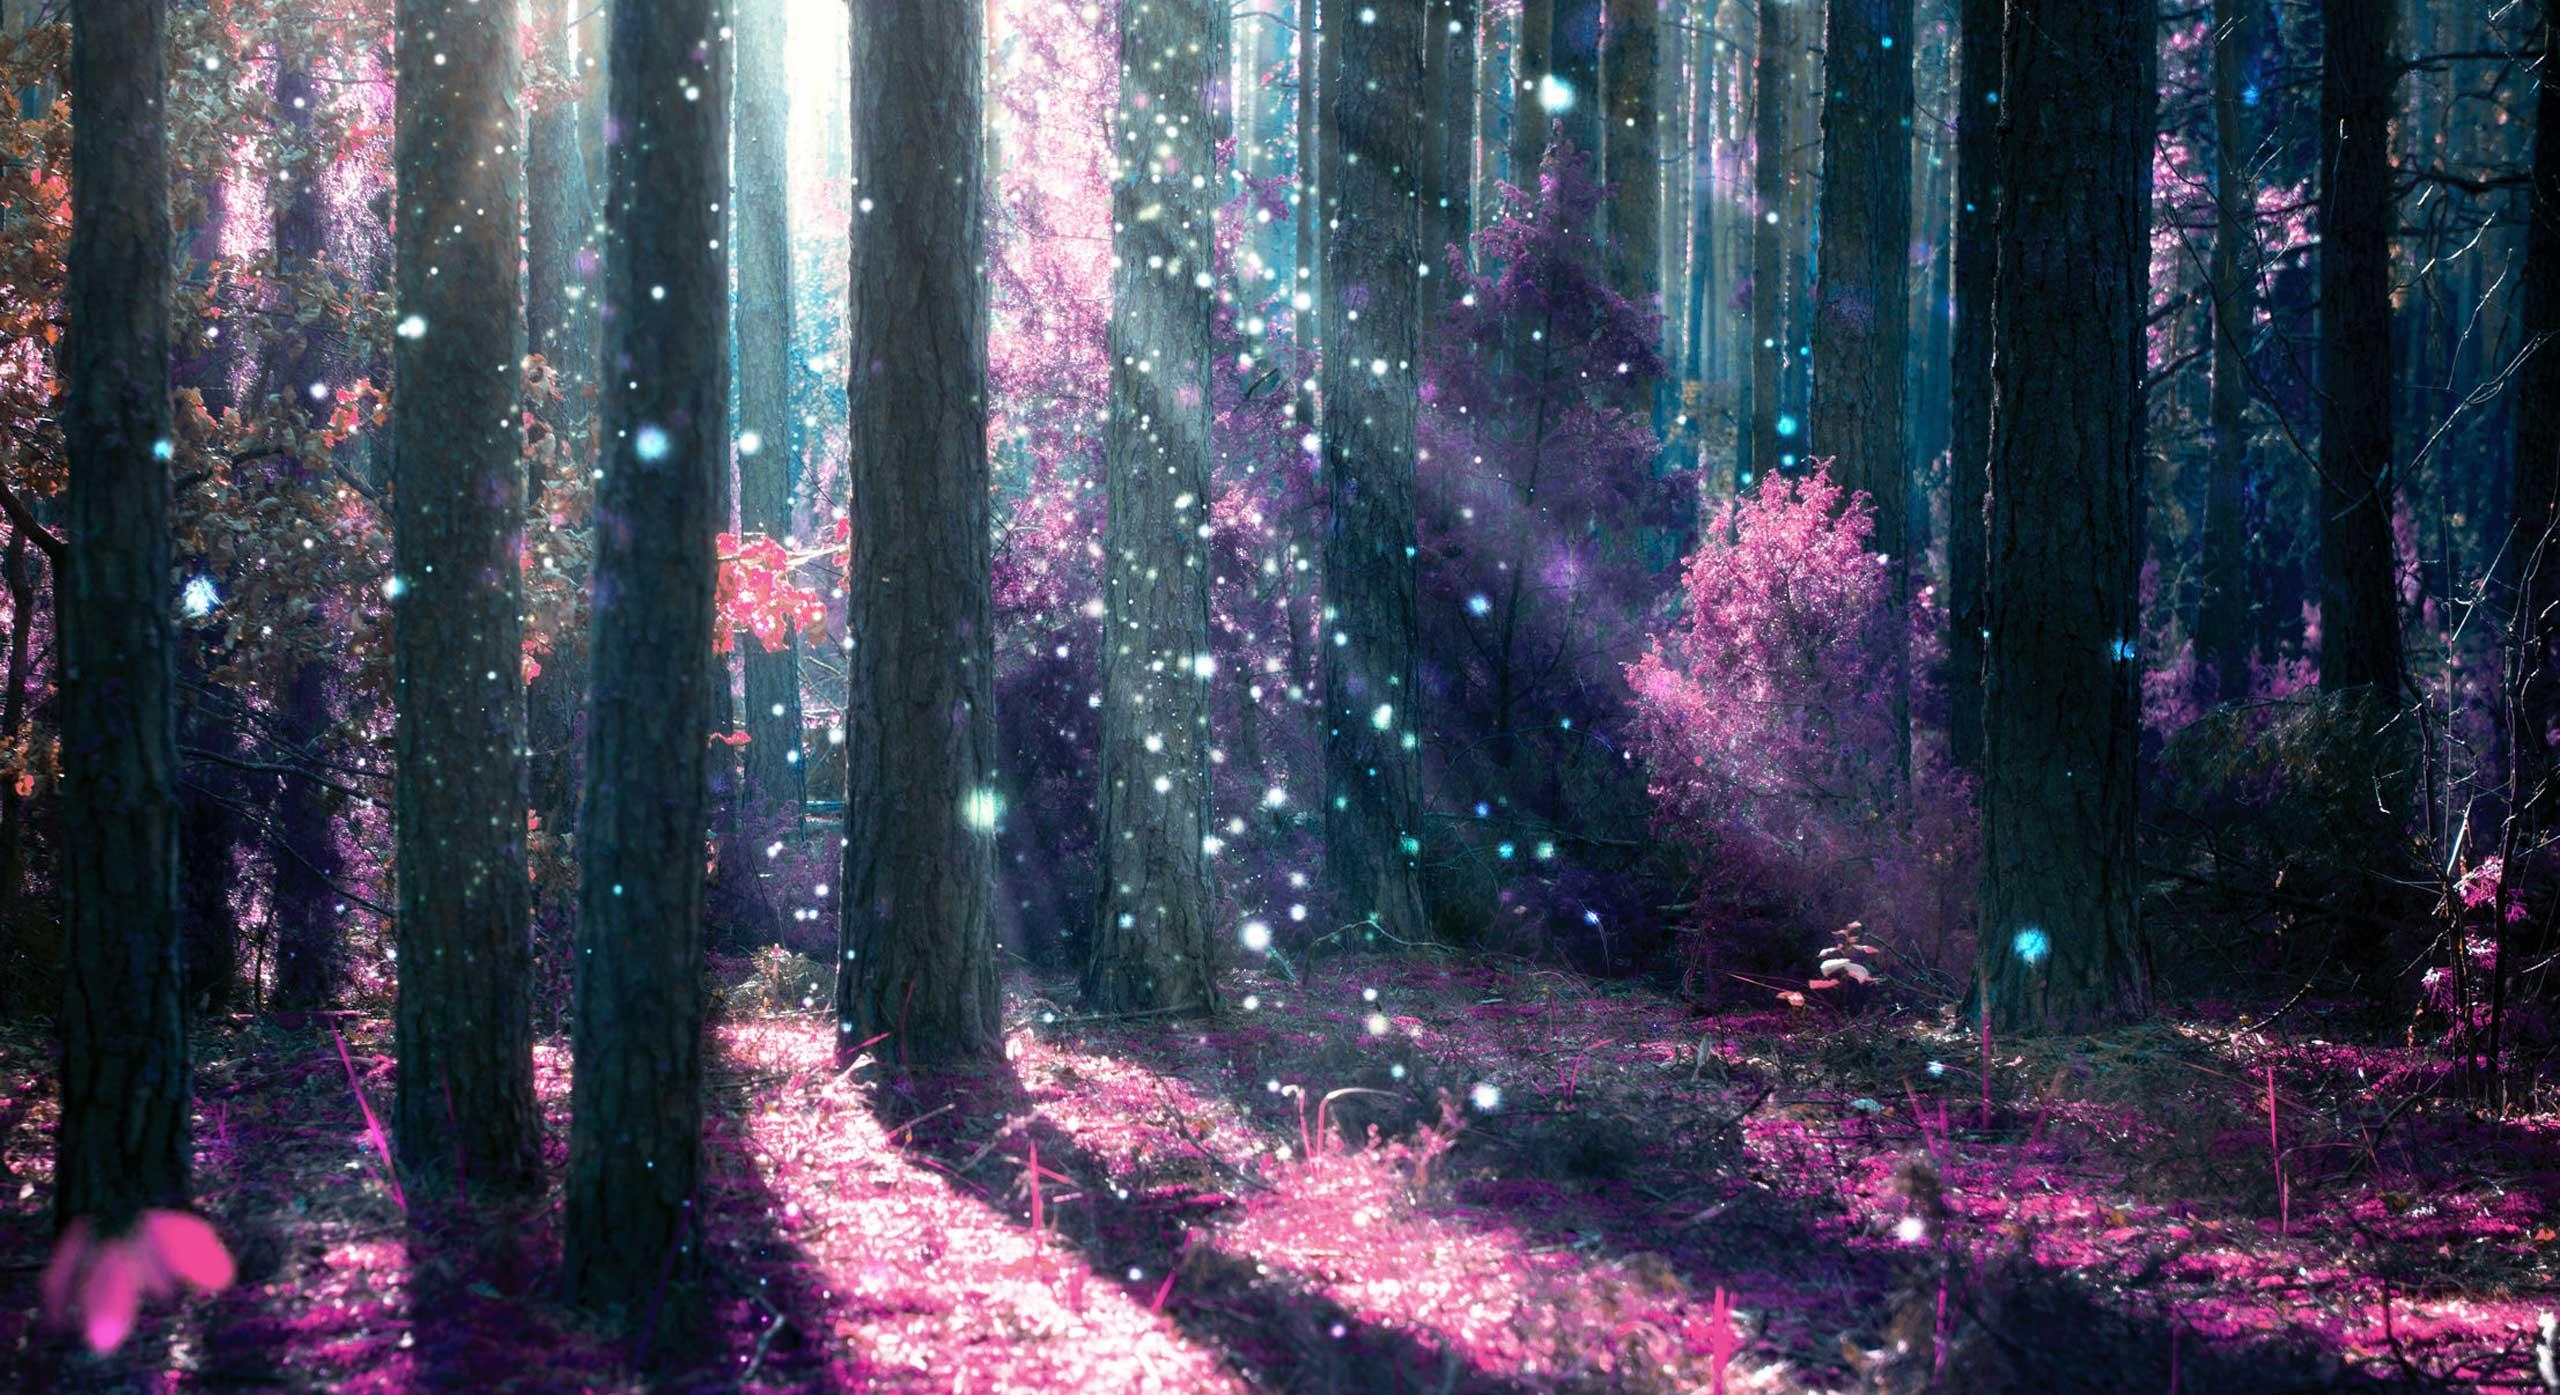 violetforest